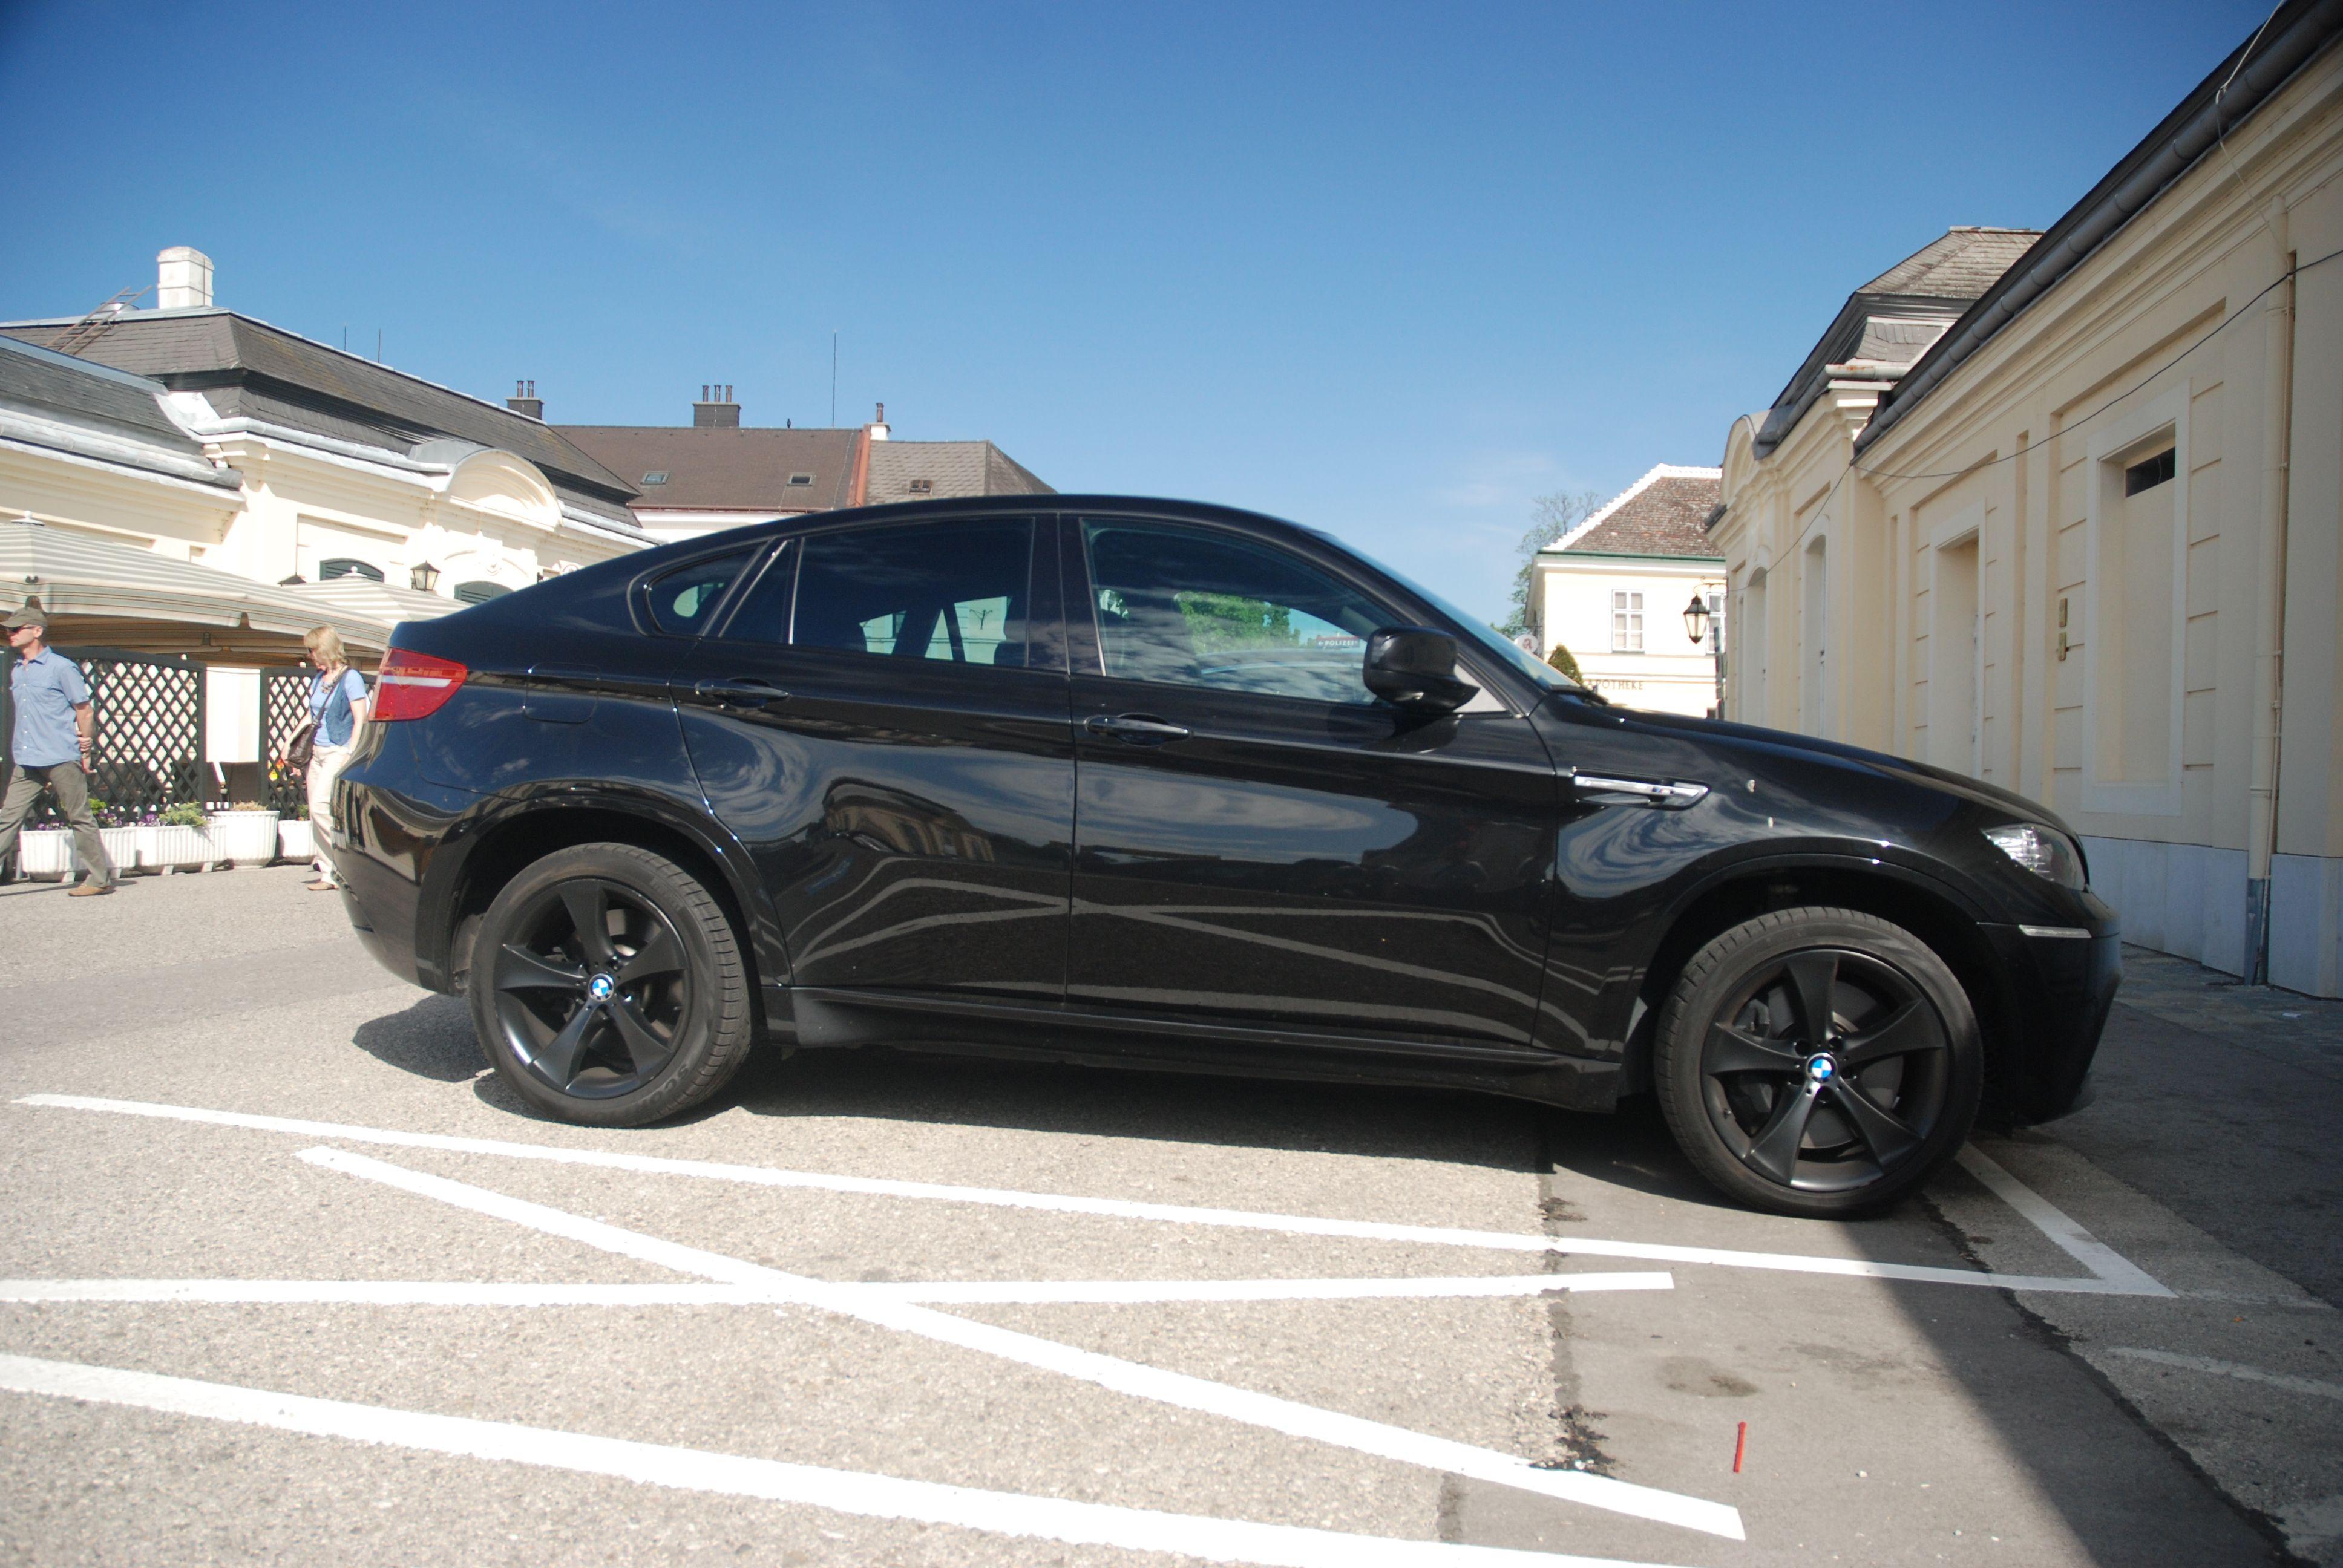 Pitch Black BMW X Dream Cars Wish List Pinterest Bmw X - Black bmw x6